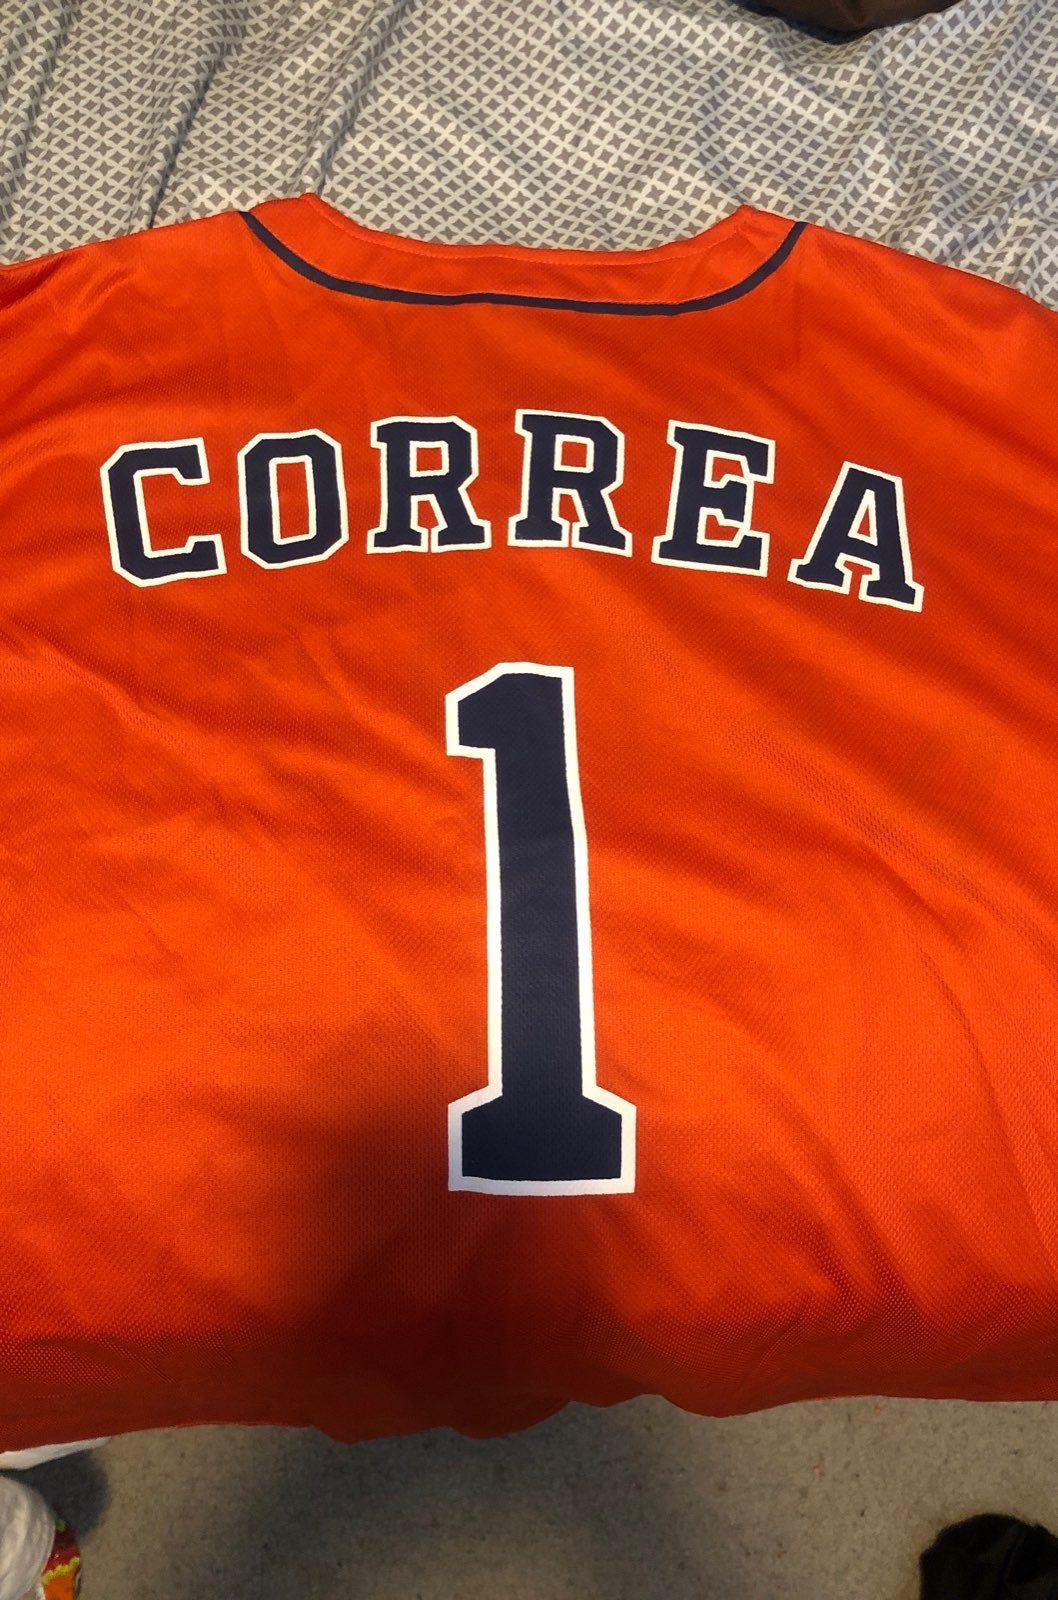 the best attitude b1e73 4e35c Carlos Correa orange replica jersey Houston Astros SGA XL ...